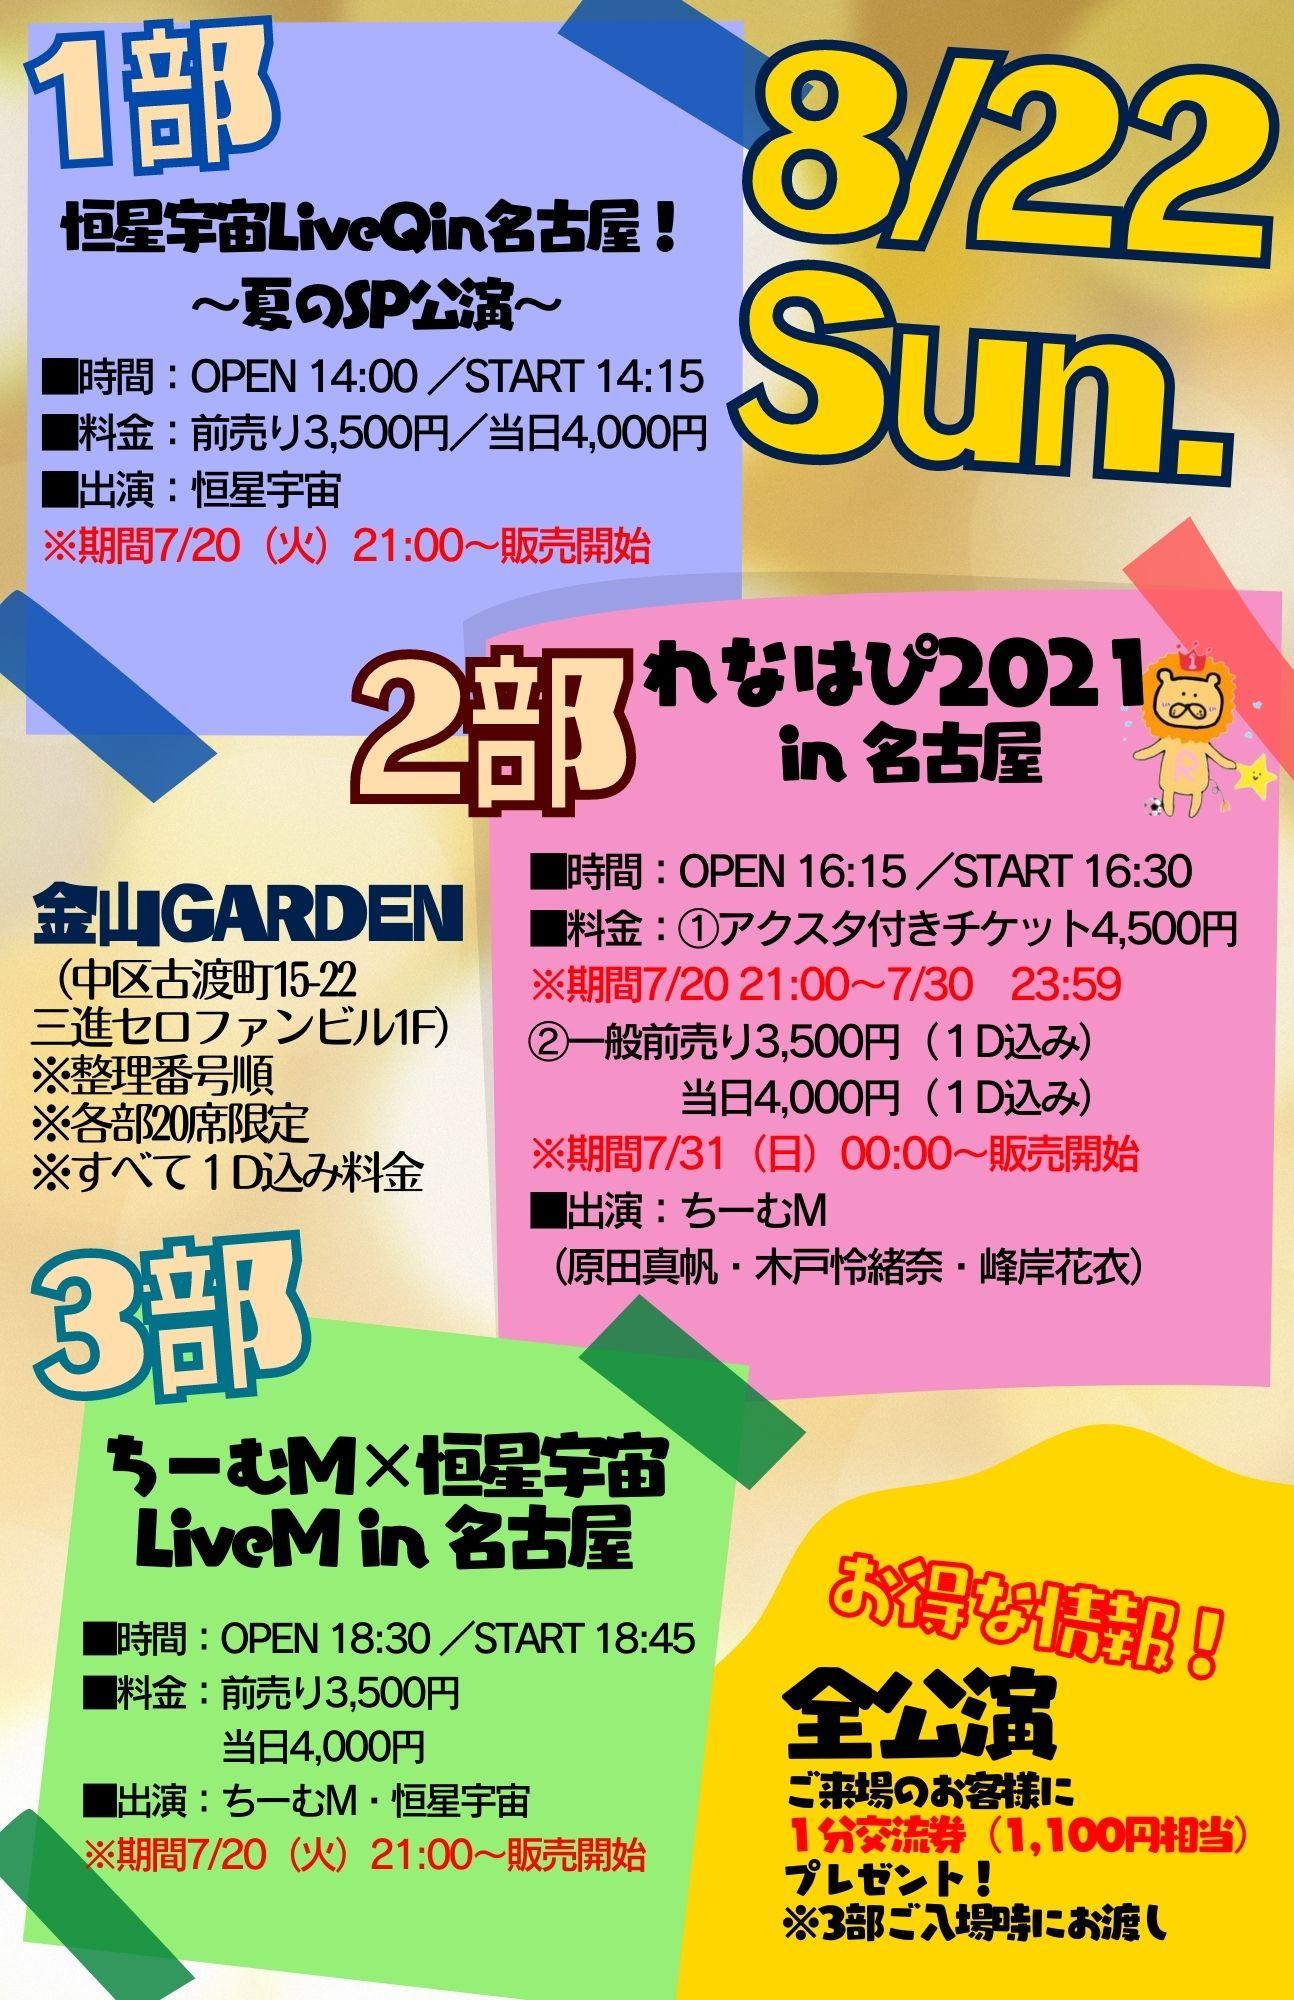 8/22(日)2部「れなはぴ2021 in 名古屋」